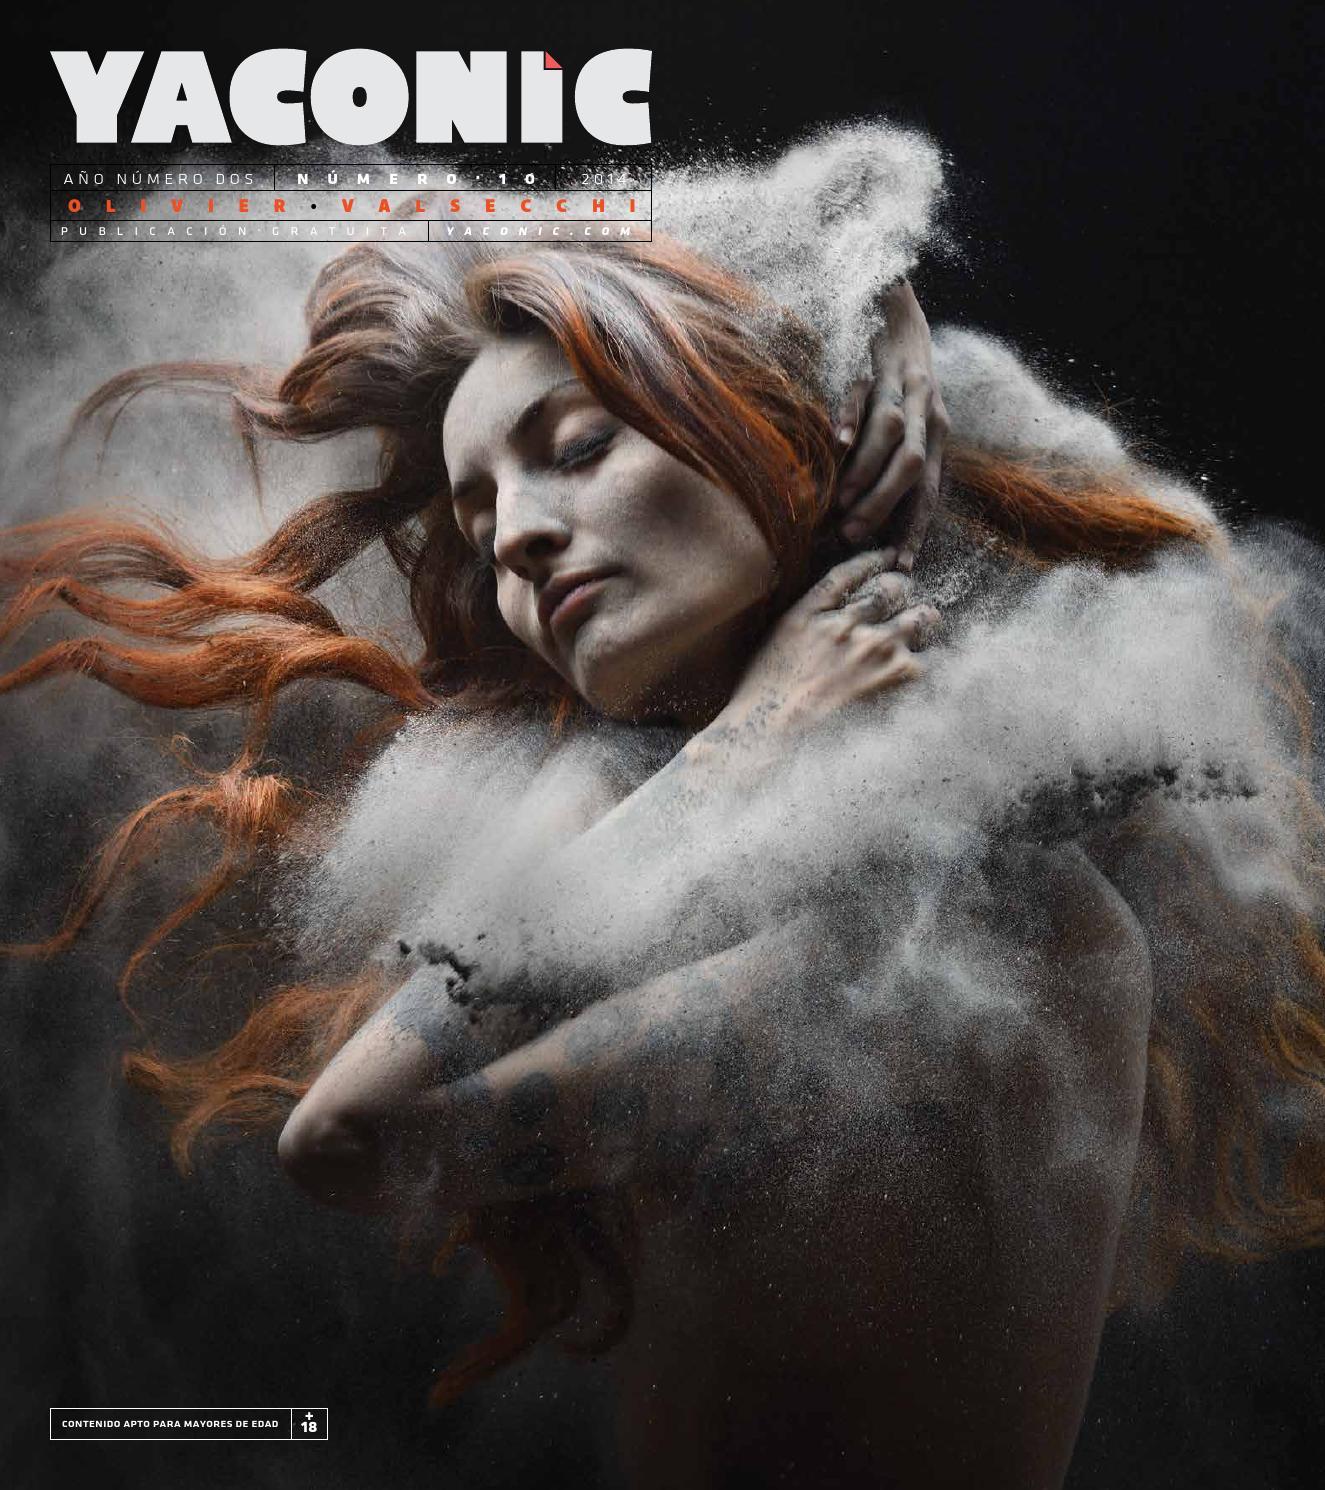 Yaconic 10 Olivier Valsecchi by Yaconic - issuu